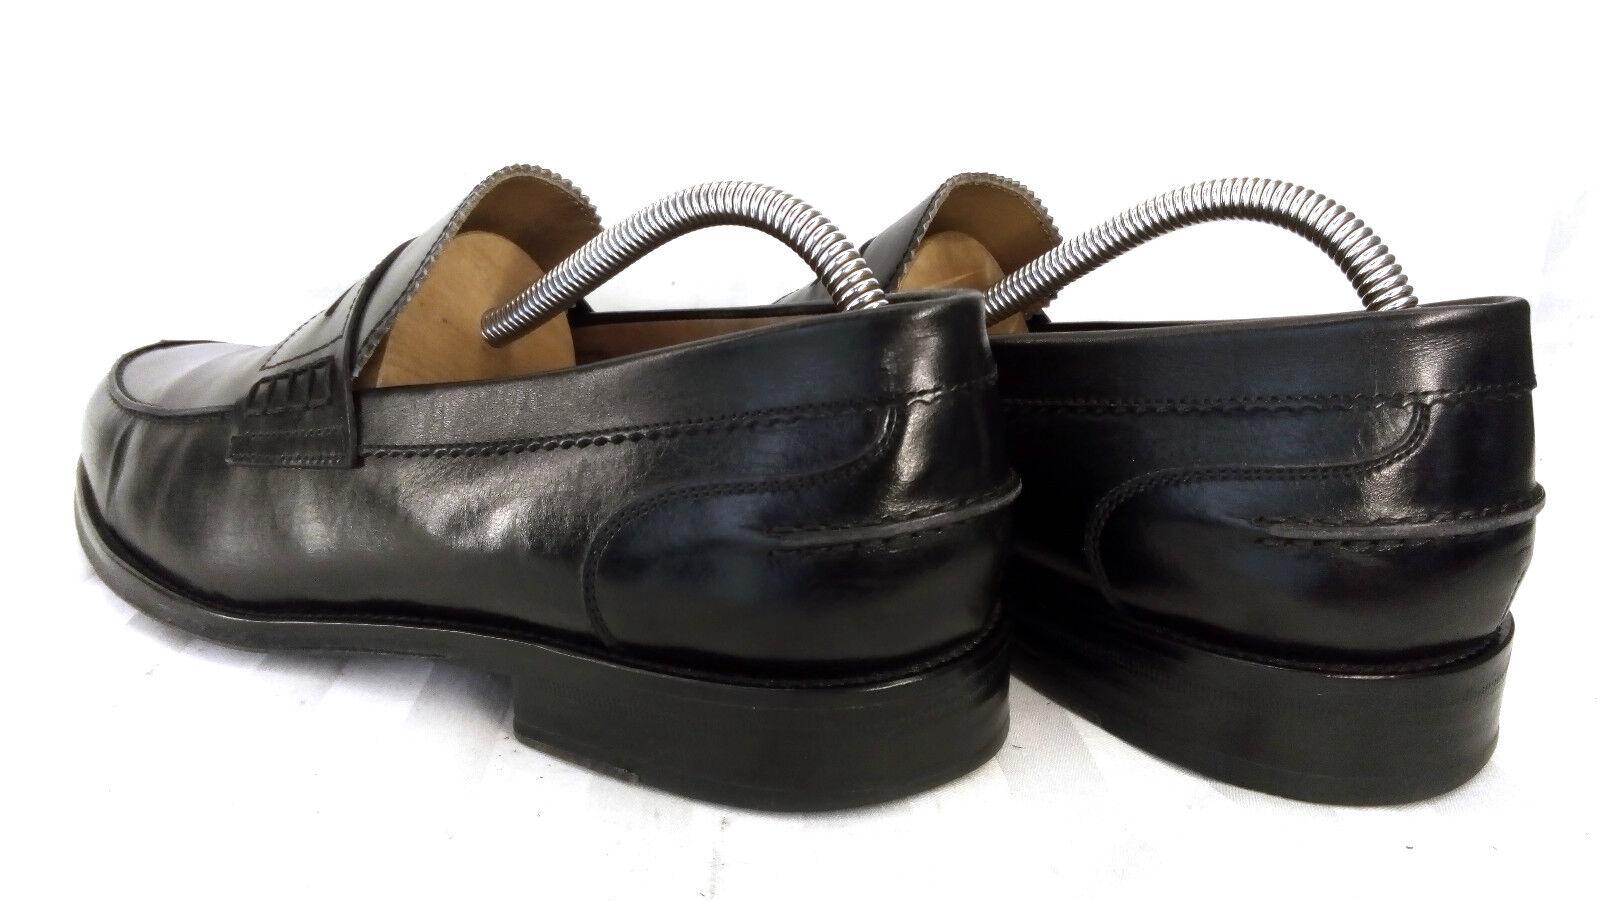 Emidio tucci noruegos mocasines Penny loafer mocasines noruegos cuero negro 44 - 44,5 mediante cosido e79725